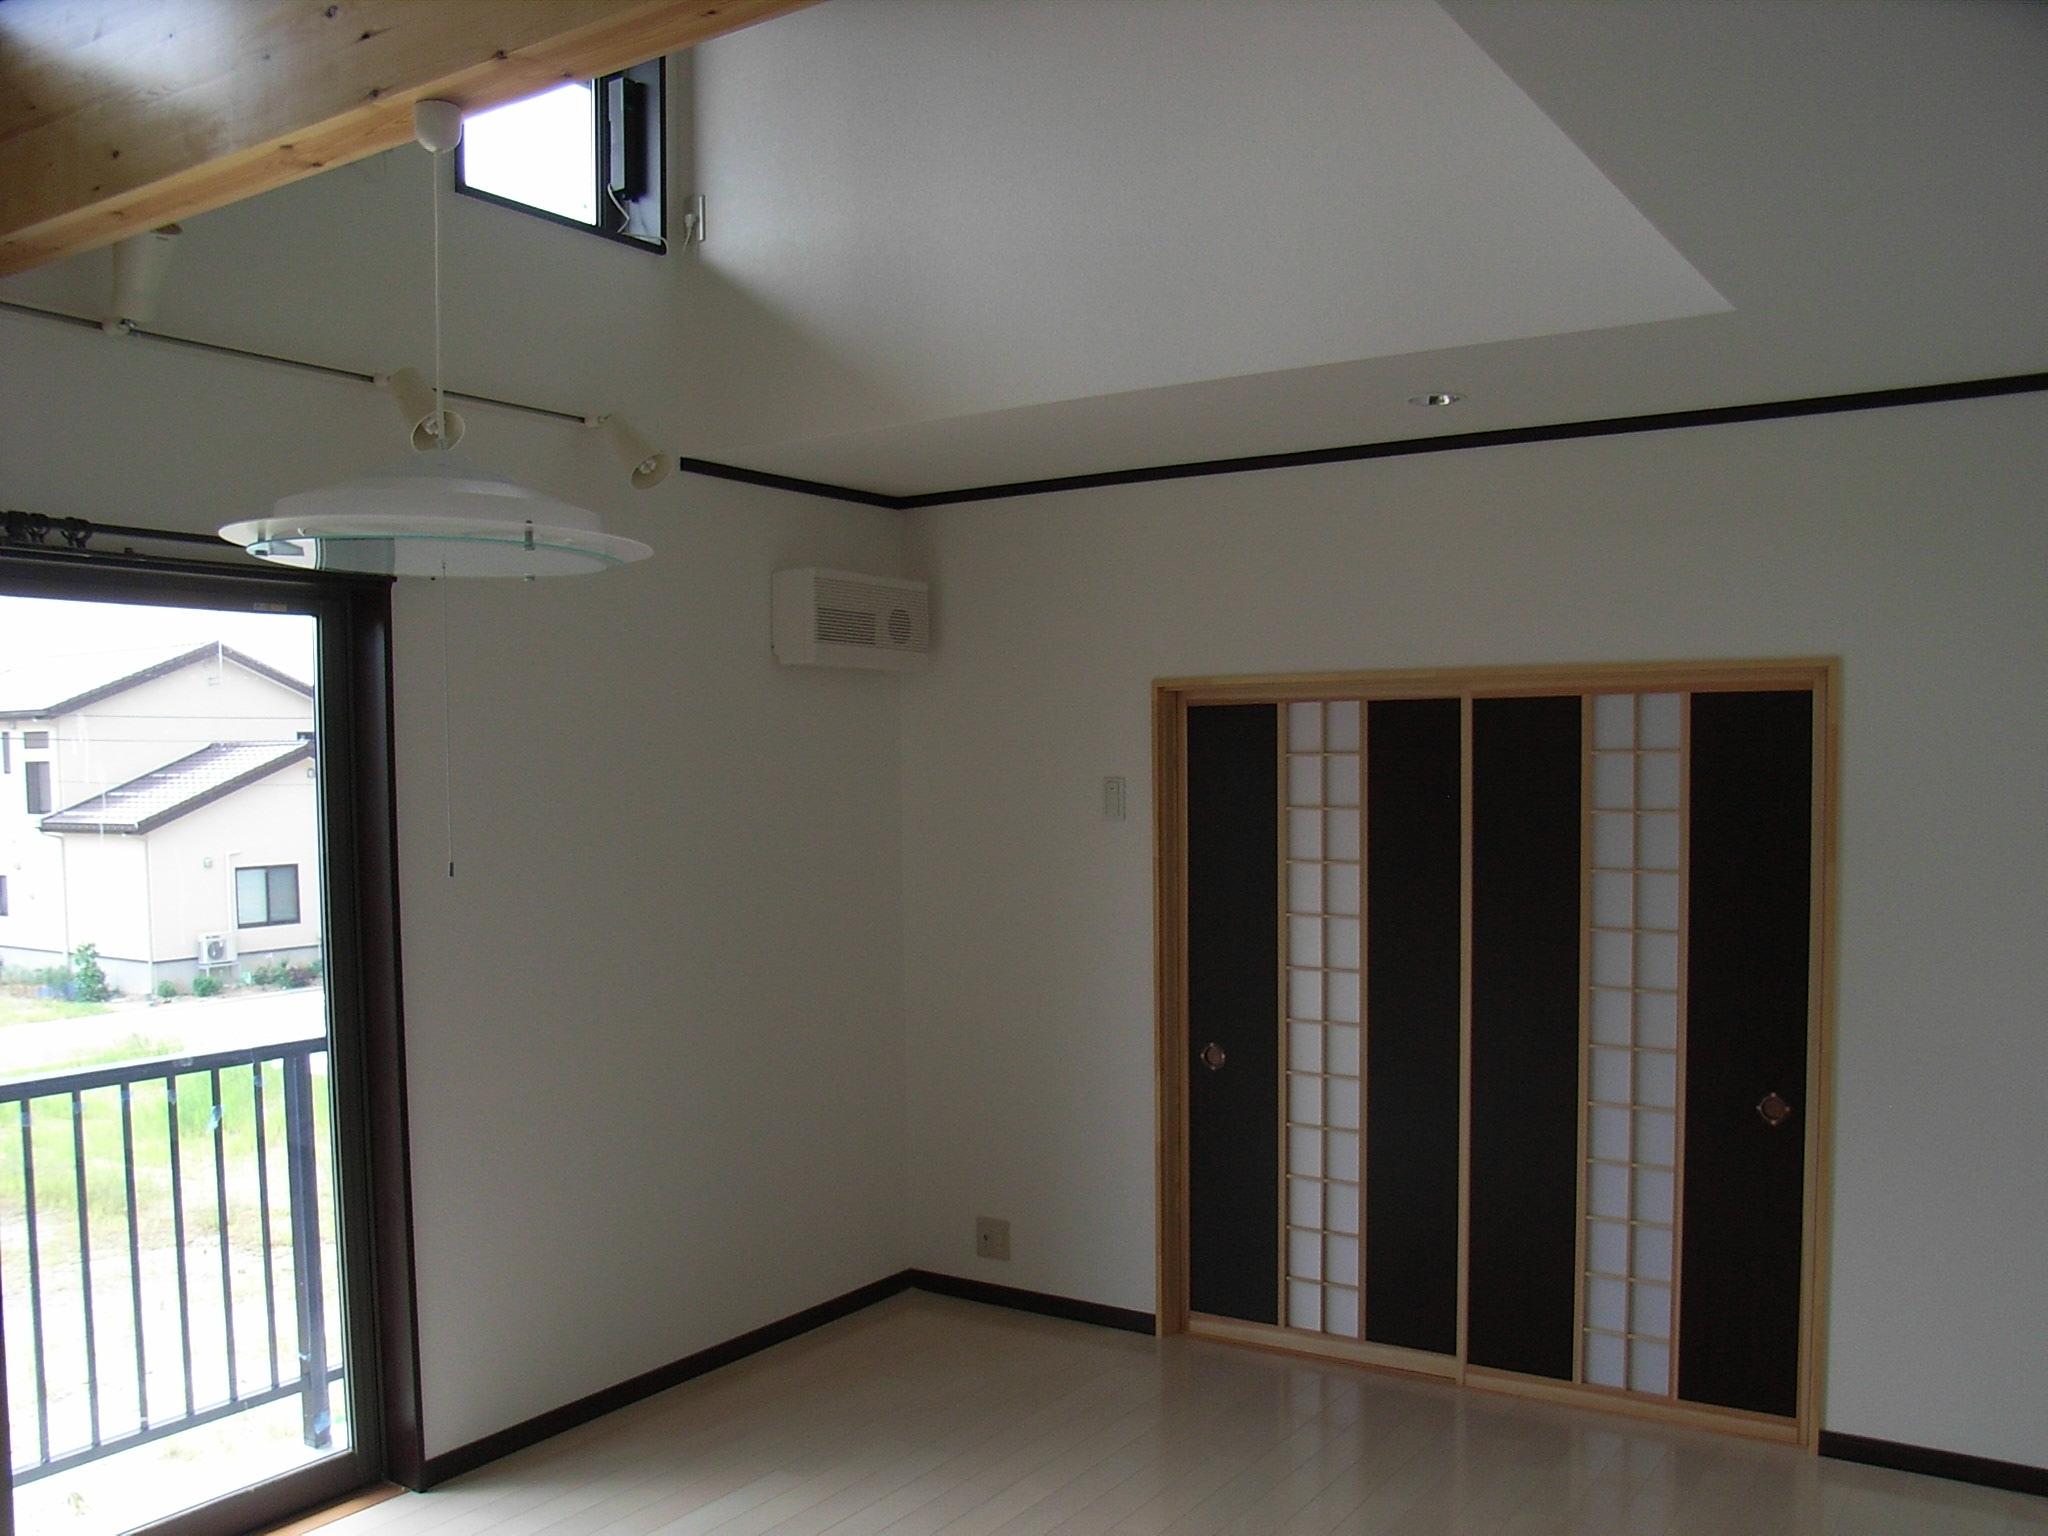 http://www.nagumo-juken.jp/images/i-house04.jpg